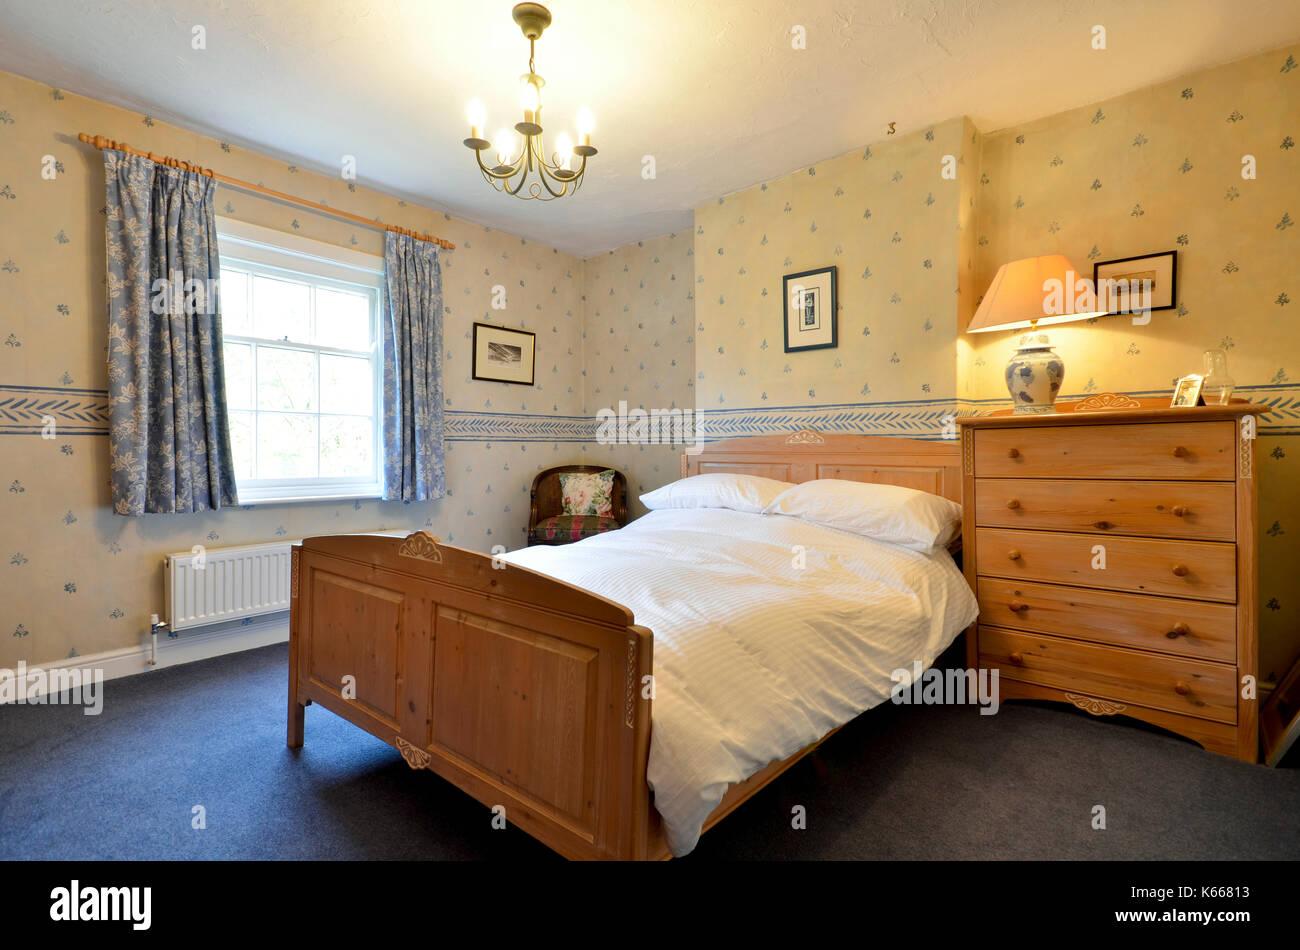 Country Bedroom Imágenes De Stock & Country Bedroom Fotos De Stock ...